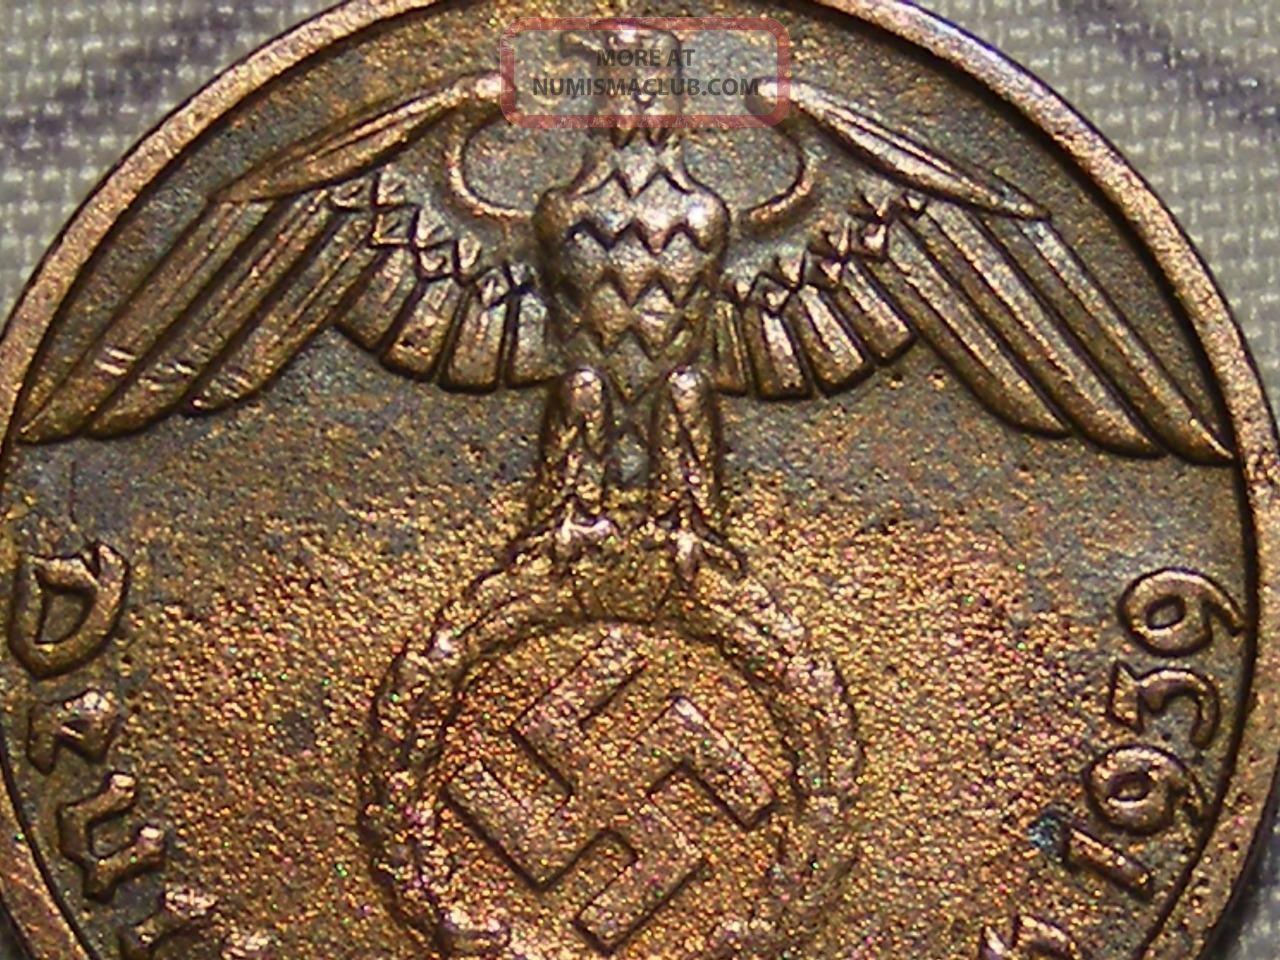 1939 Wwii Nazi Hitler Germany 3rd Reich Munich 1 Reichspfennig Copper War Coin Germany photo